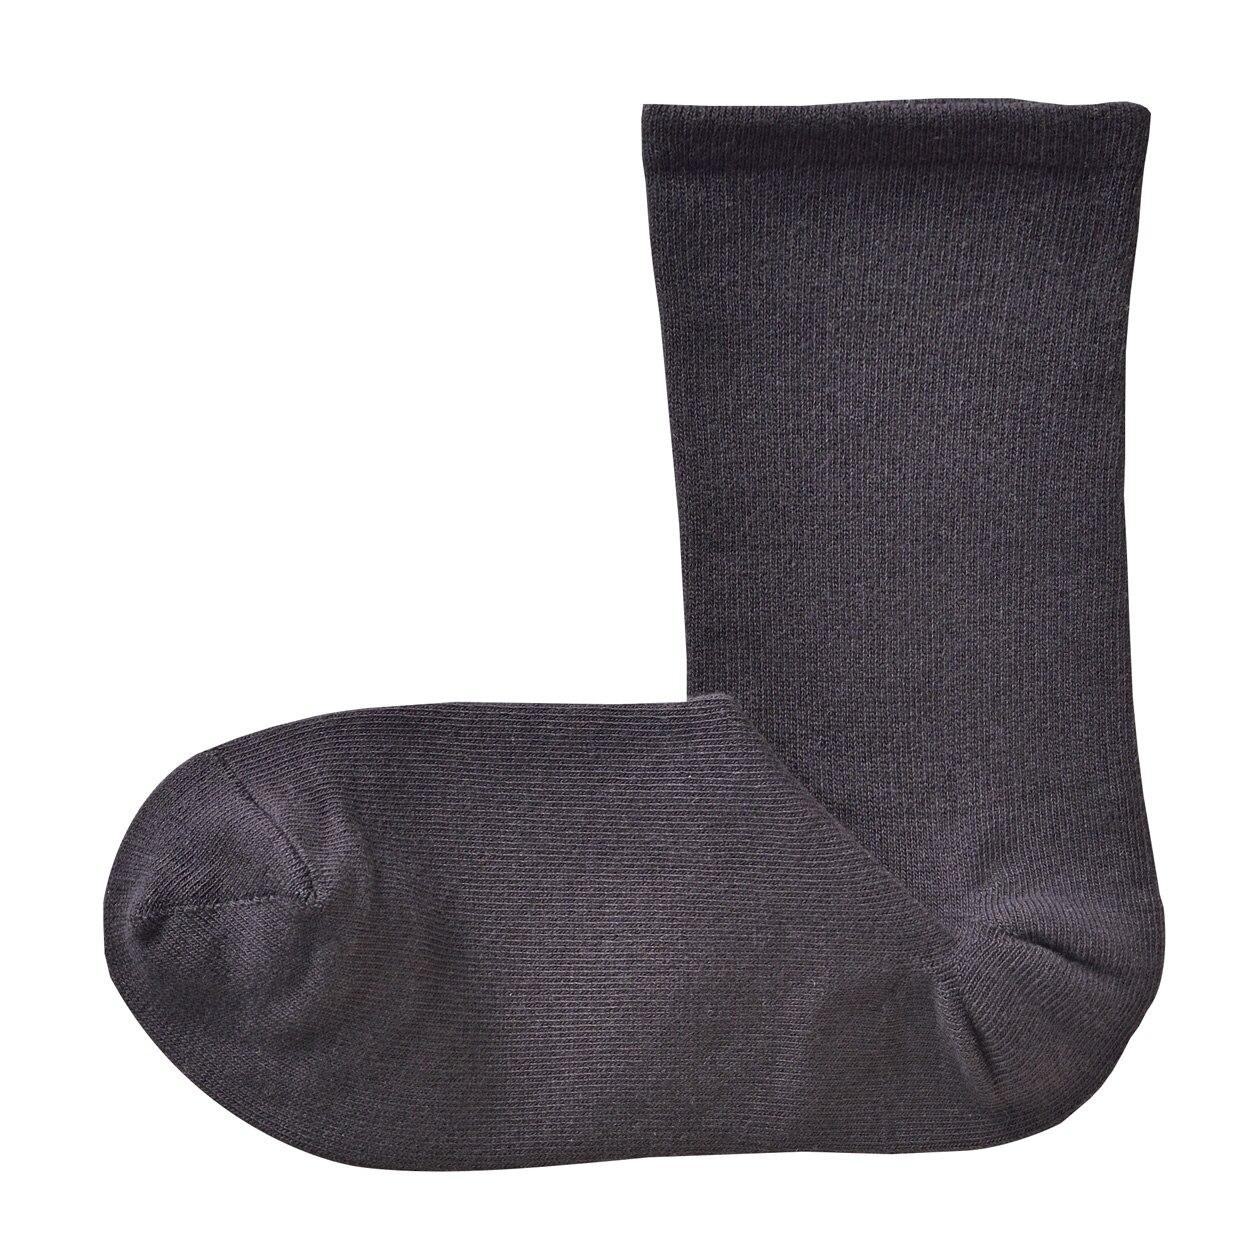 足なり直角 足のサイズに合わせてくれる 靴下(婦人・えらべる)